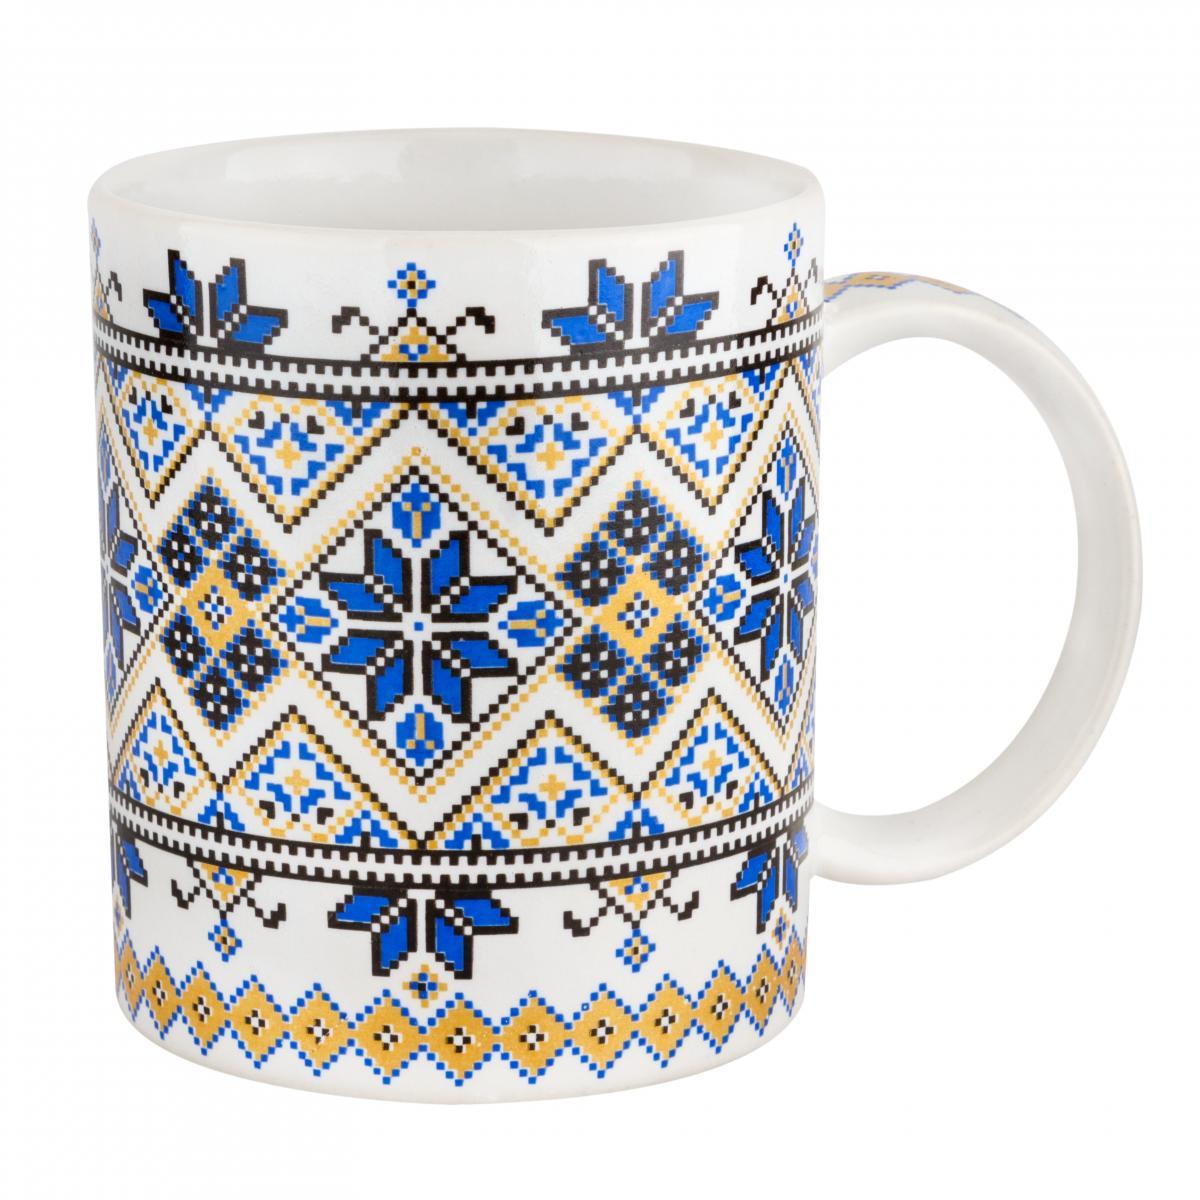 Чашка с украинским желто-синим узором